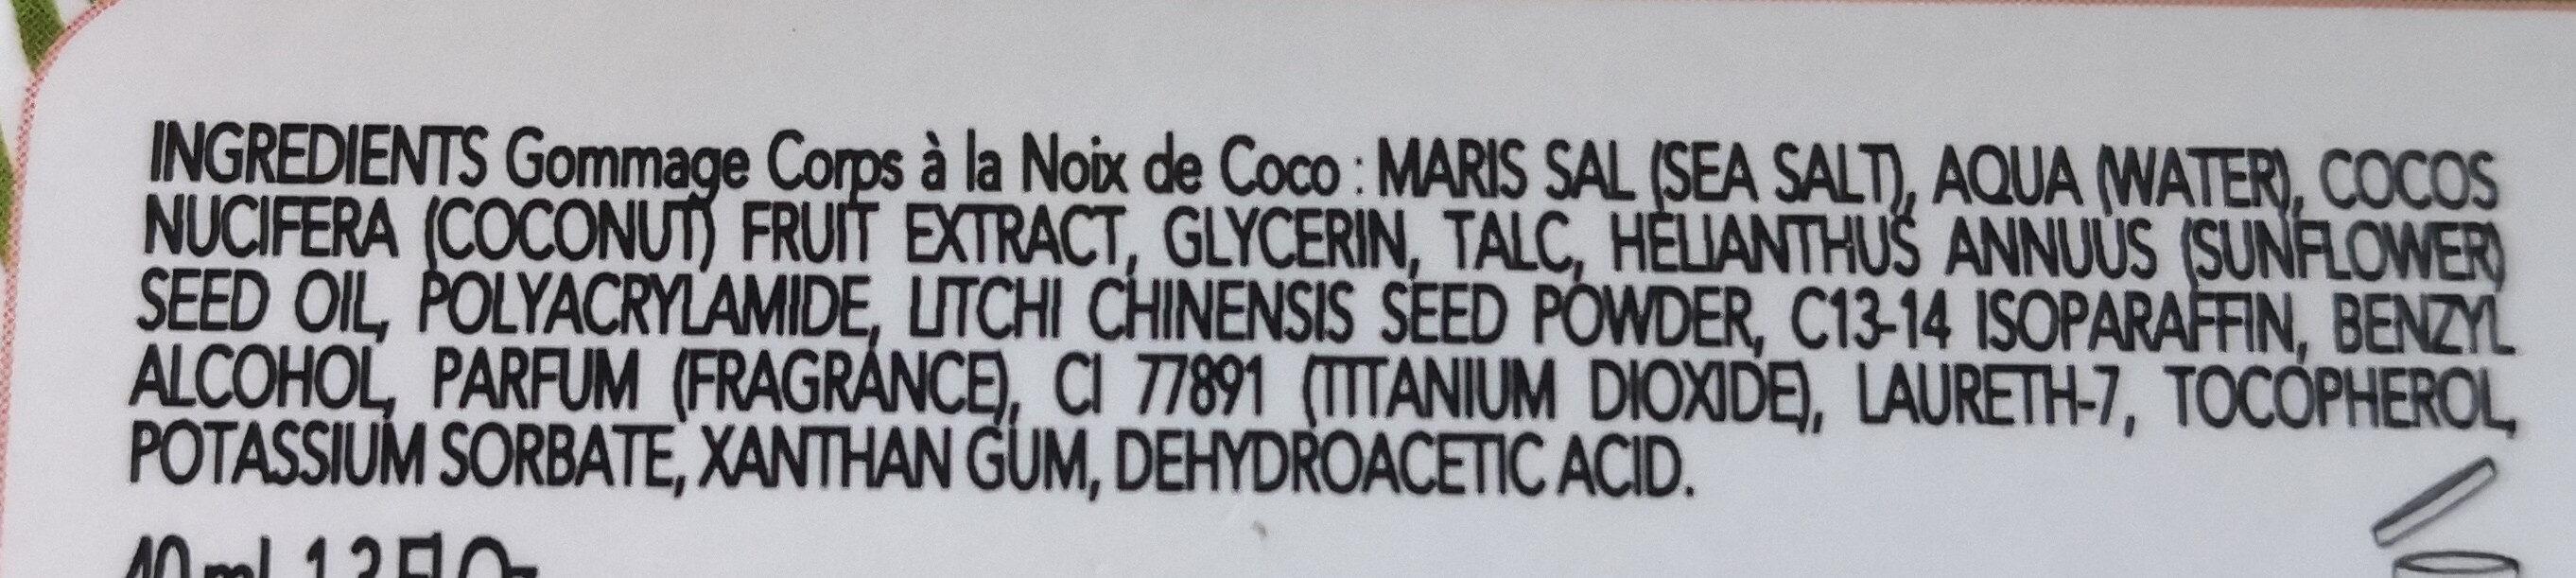 Gommage corps à la noix de Coco - Ingredients - fr